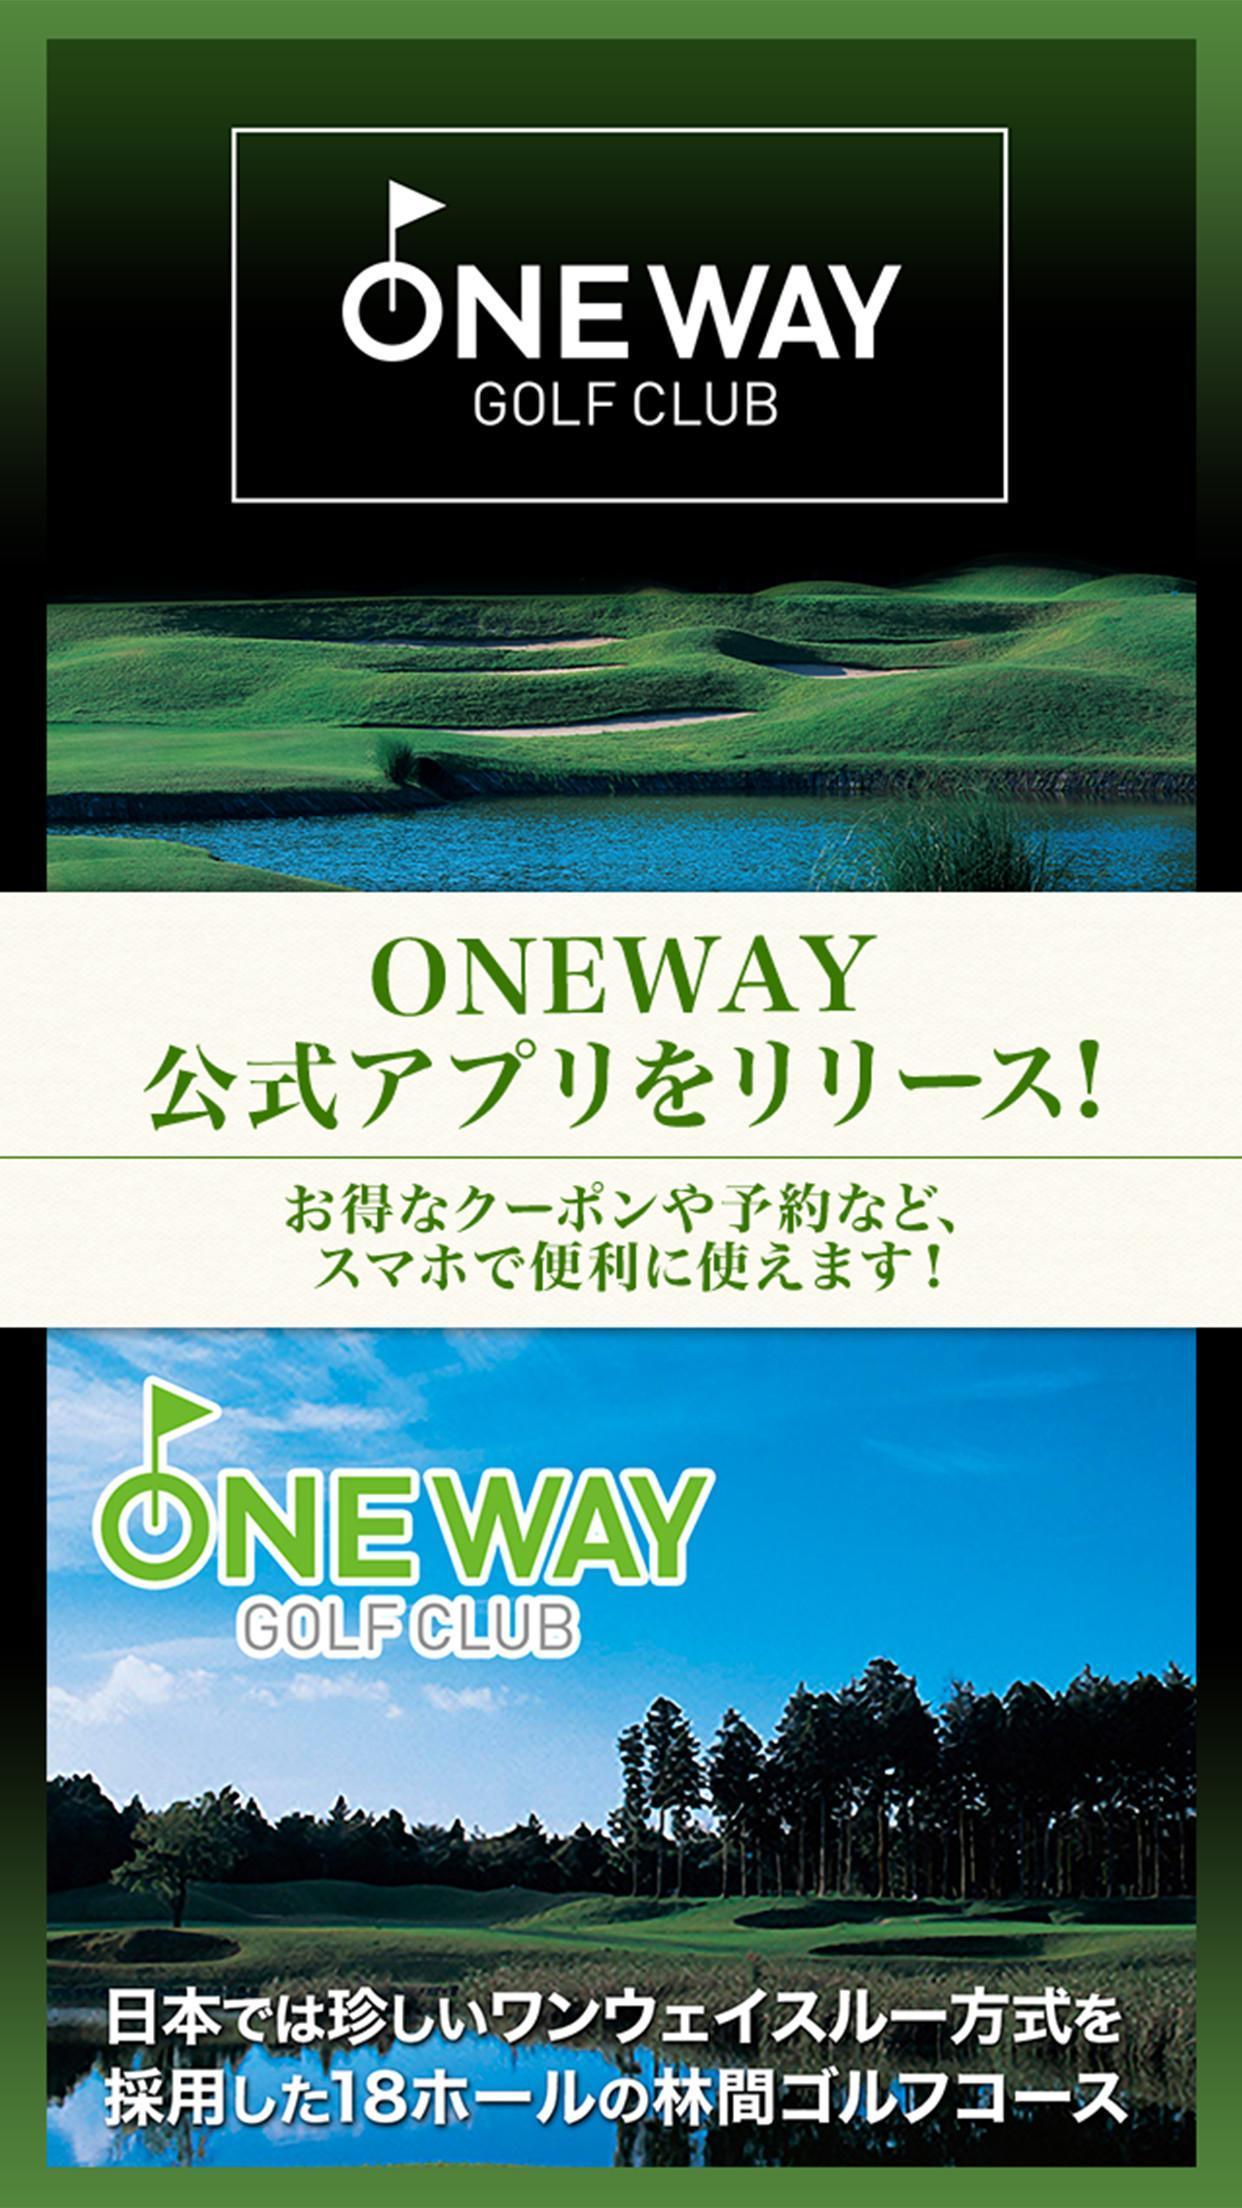 ゴルフ クラブ ワンウェイ ワンウェイゴルフクラブの口コミ・評判【GDO】